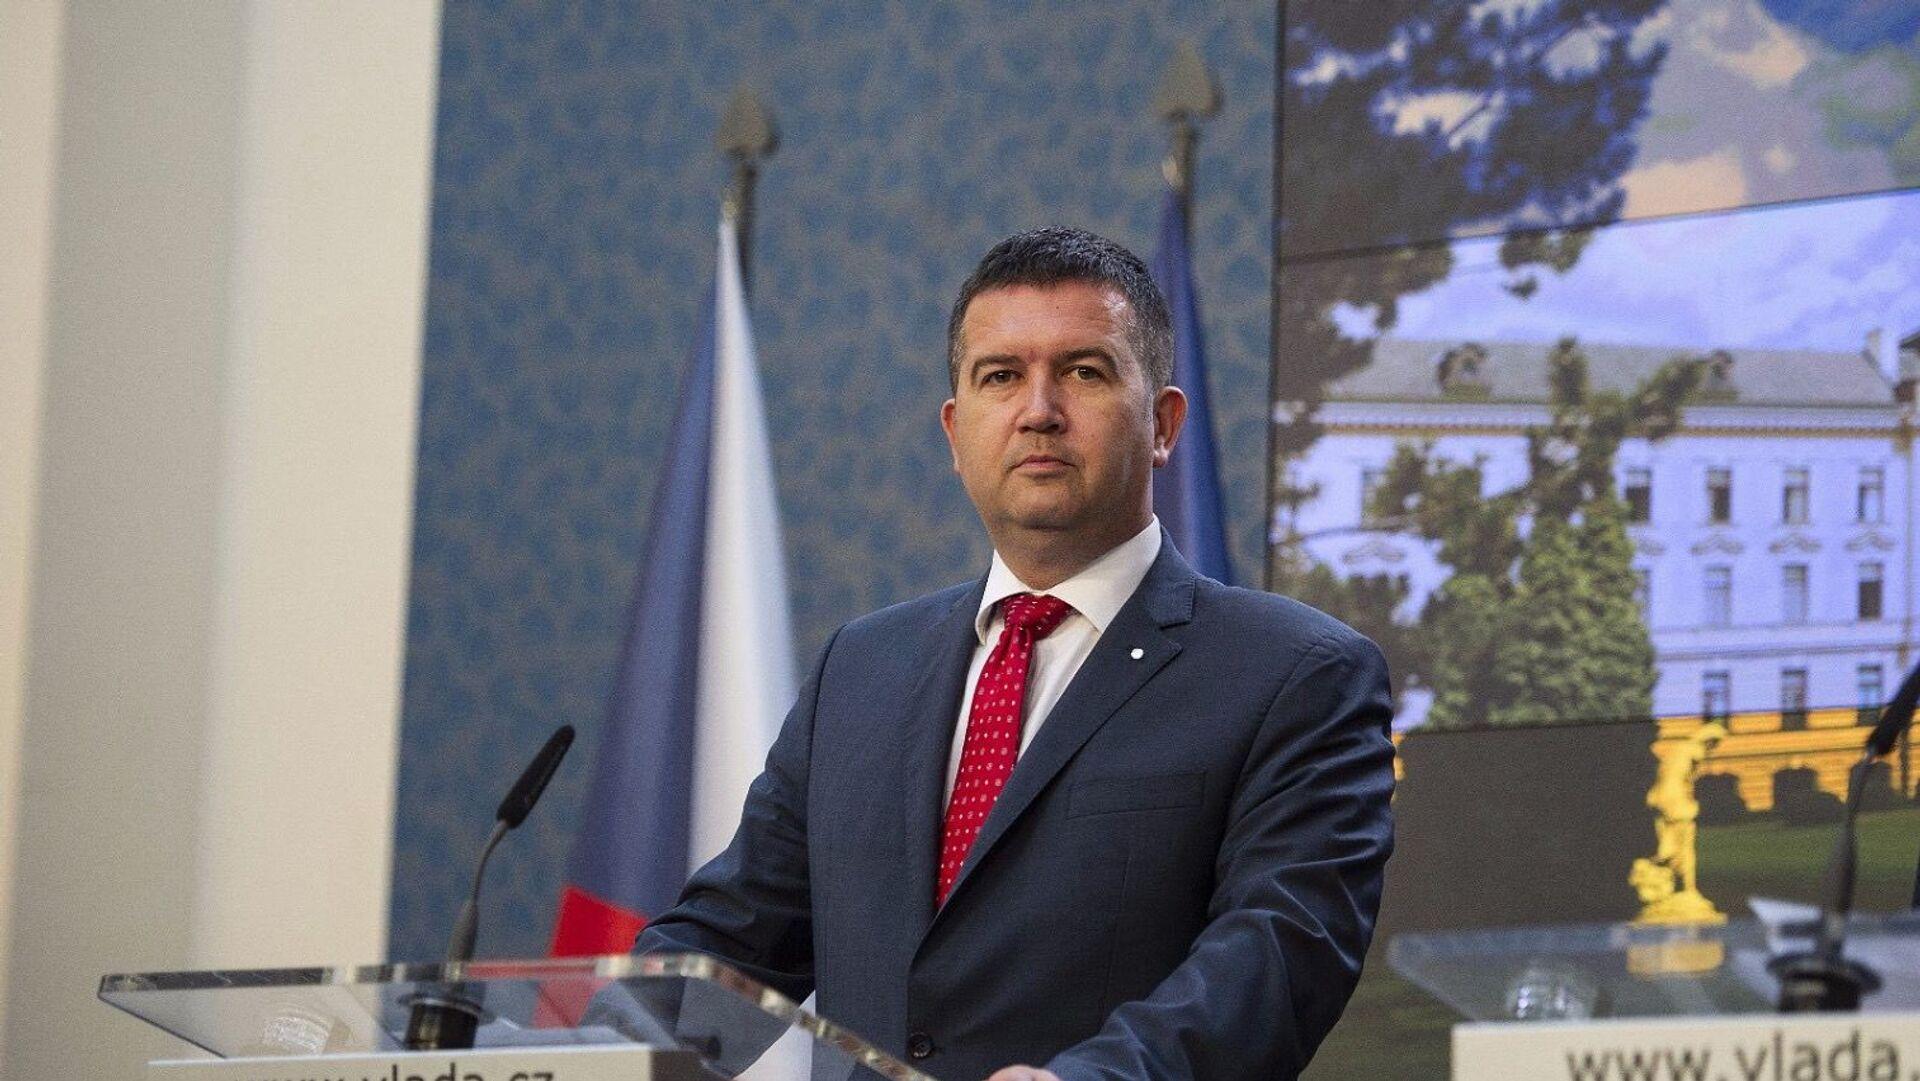 Lídr ČSSD a ministr vnitra Jan Hamáček - Sputnik Česká republika, 1920, 08.03.2021